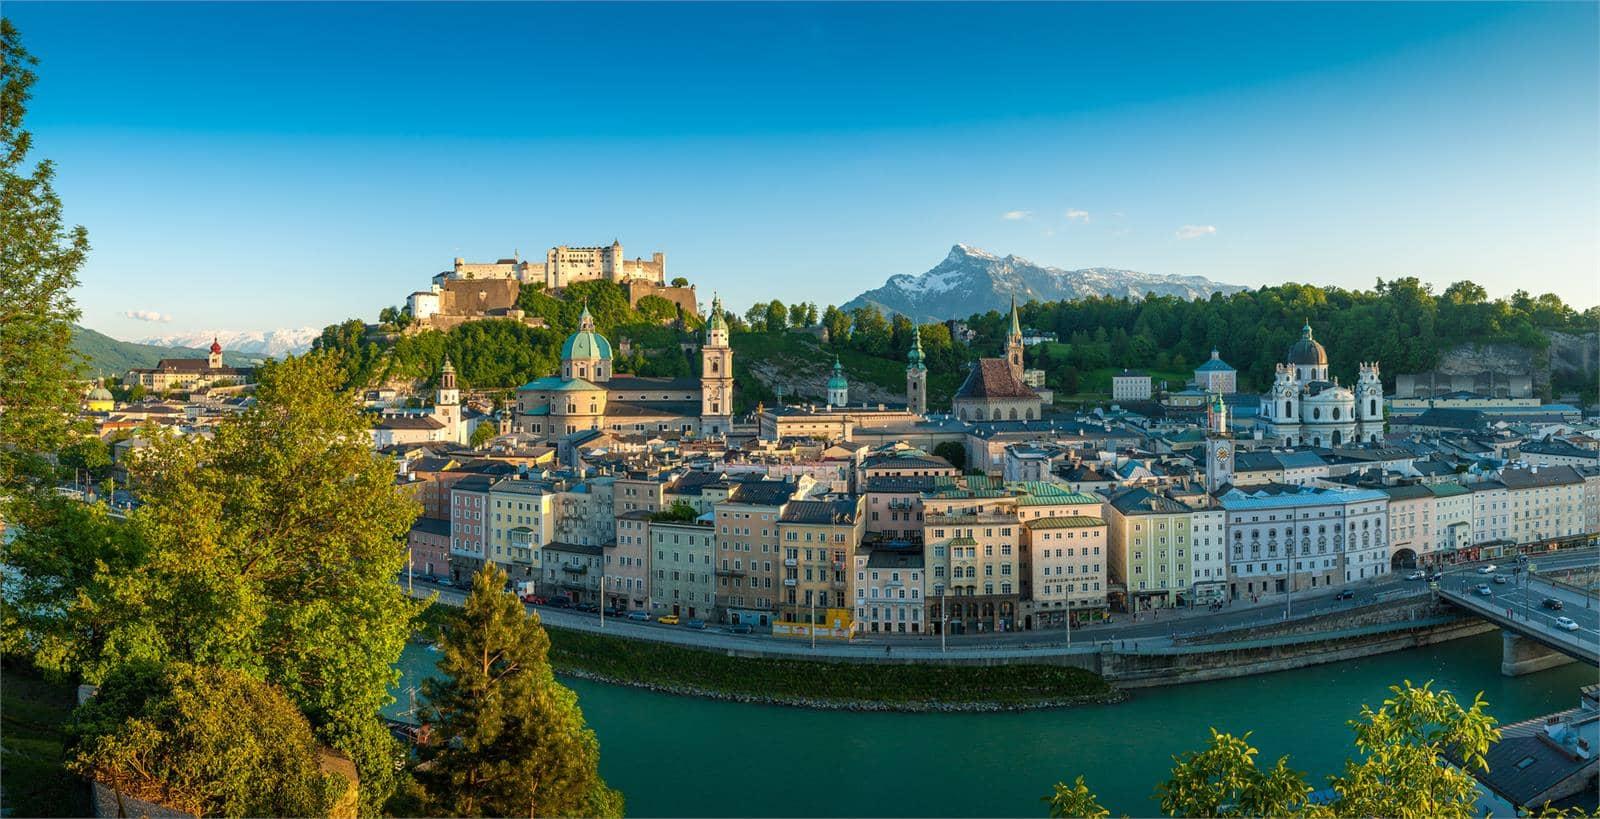 Blick auf die Stadt Salzburg mit Salzach | ©Tourismus Salzburg - Günther Breitegger